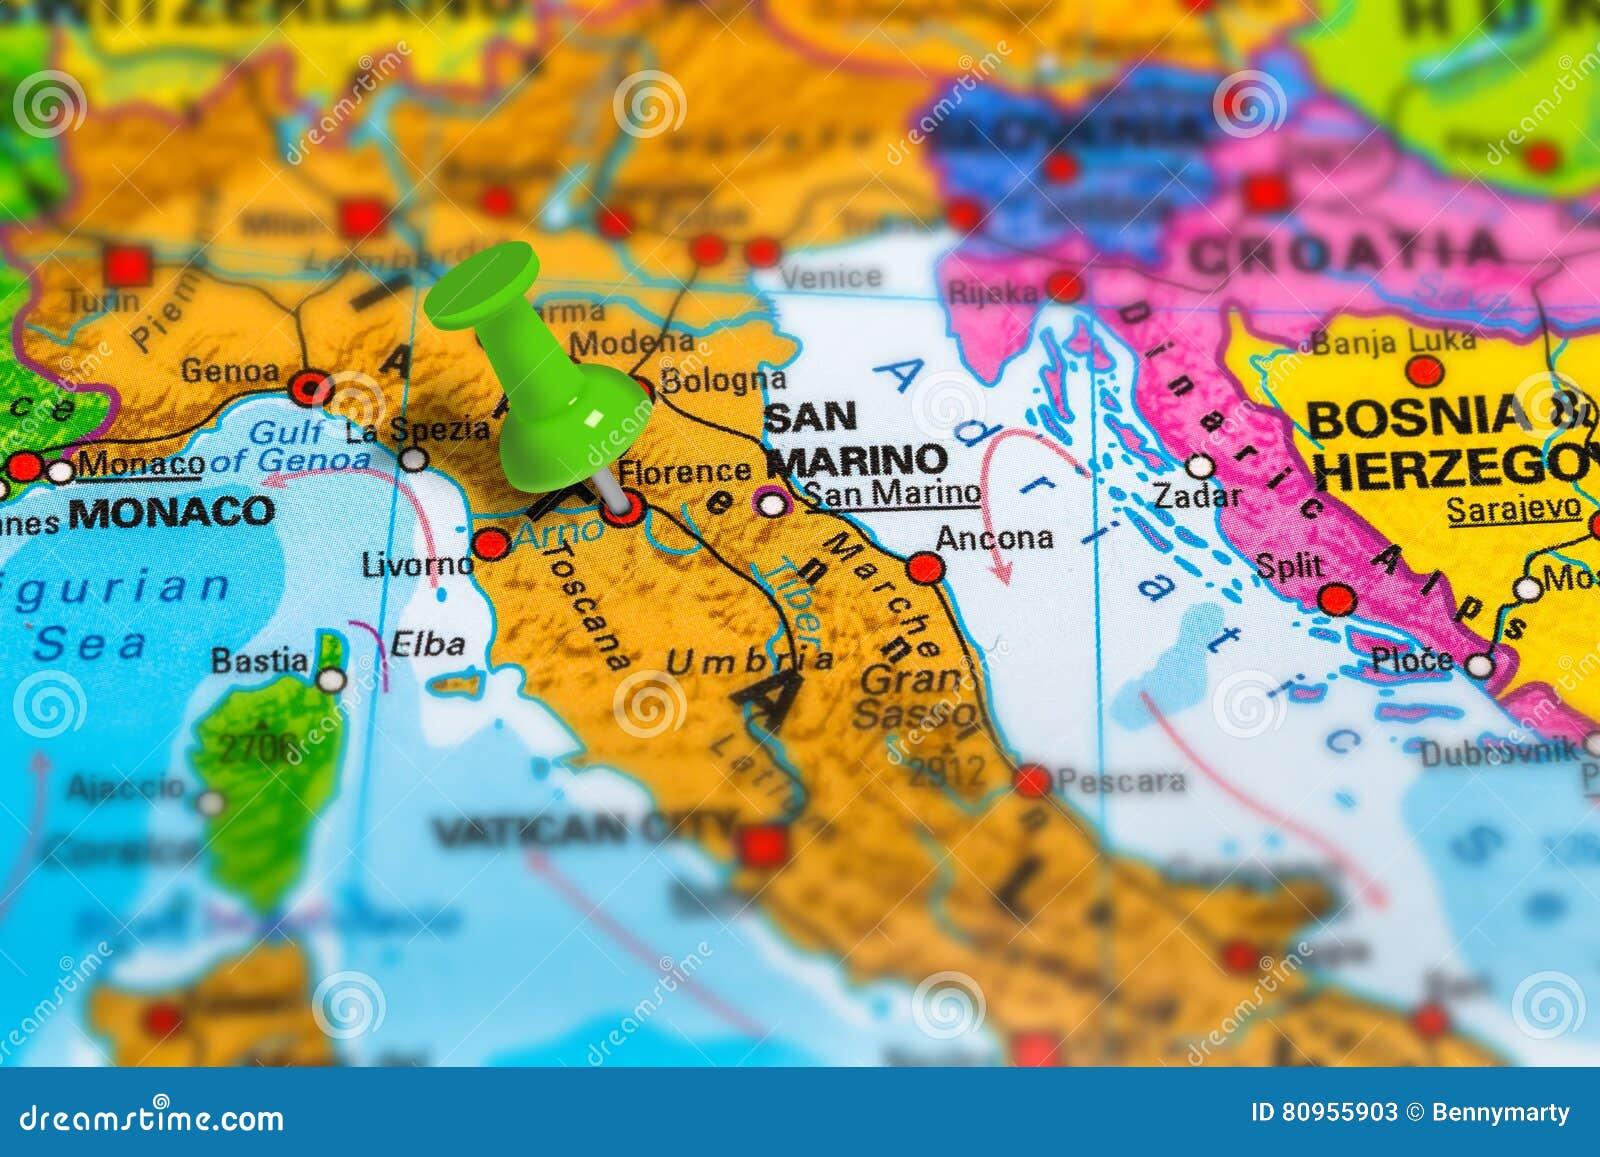 Mapa De Florence Italy Imagem De Stock Imagem De Mapa 80955903